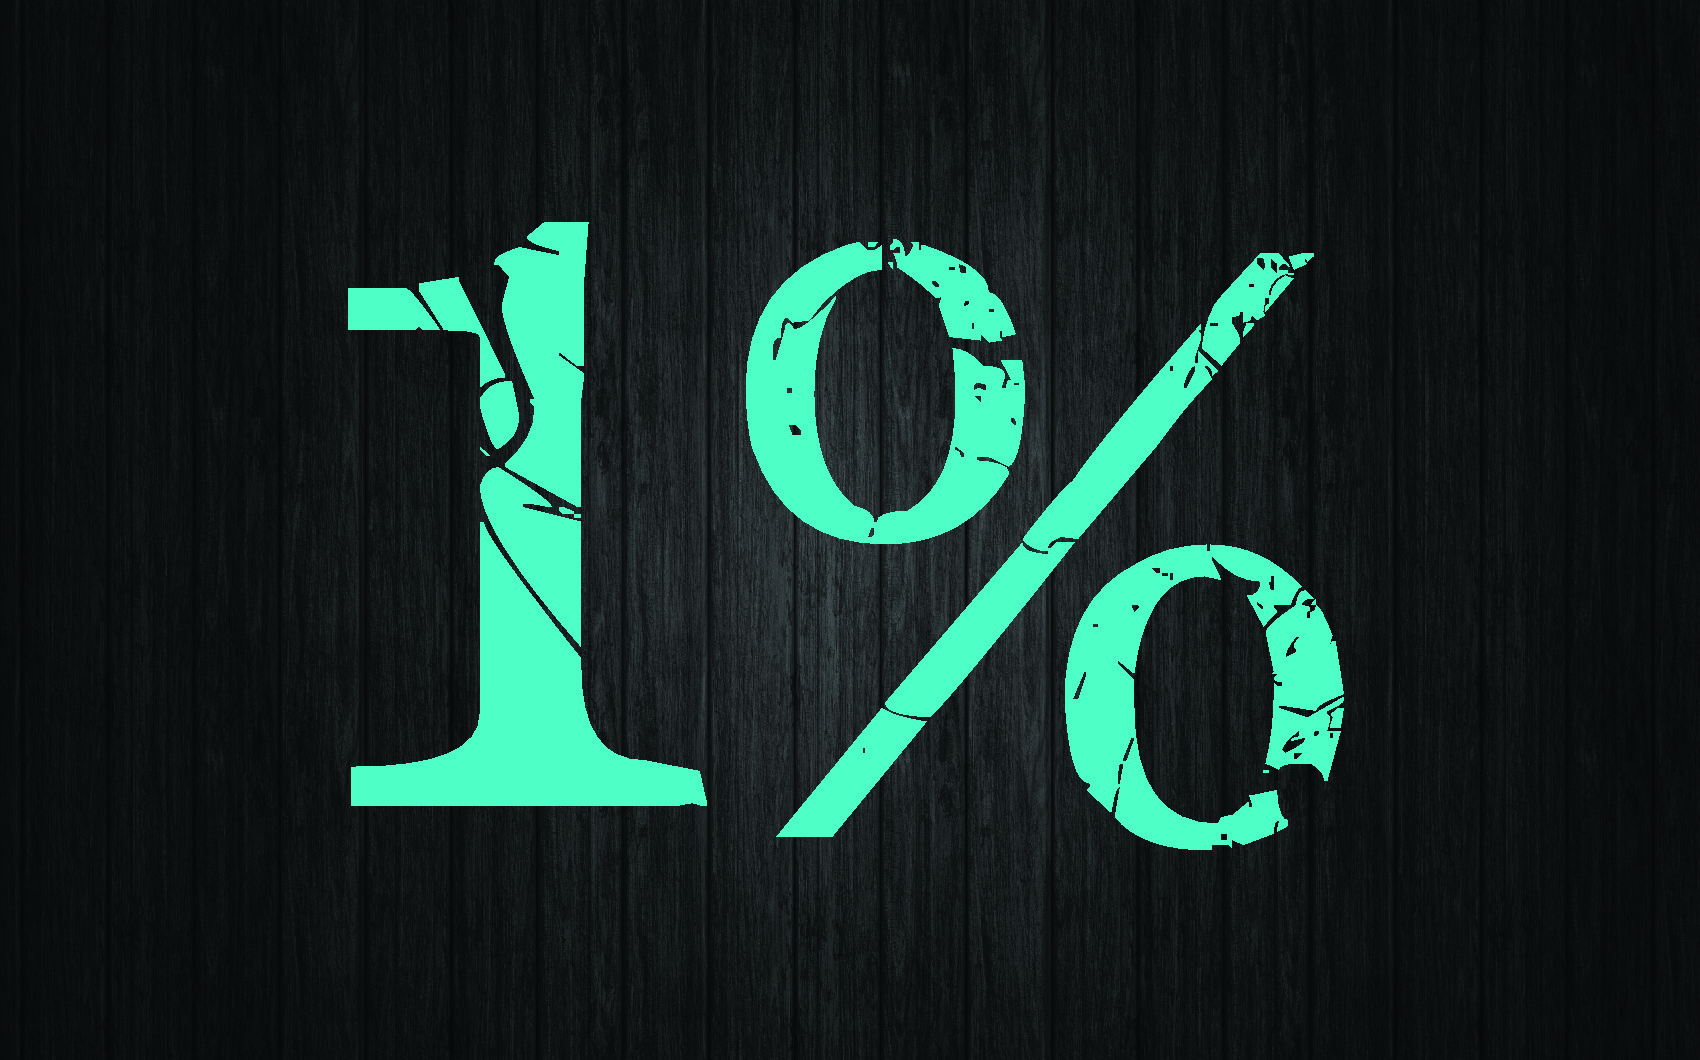 Közlemény a 2014. rendelkező évben tett, szja 1%-os felajánlásokból történő részesedésből kizárt civil kedvezményezettekről